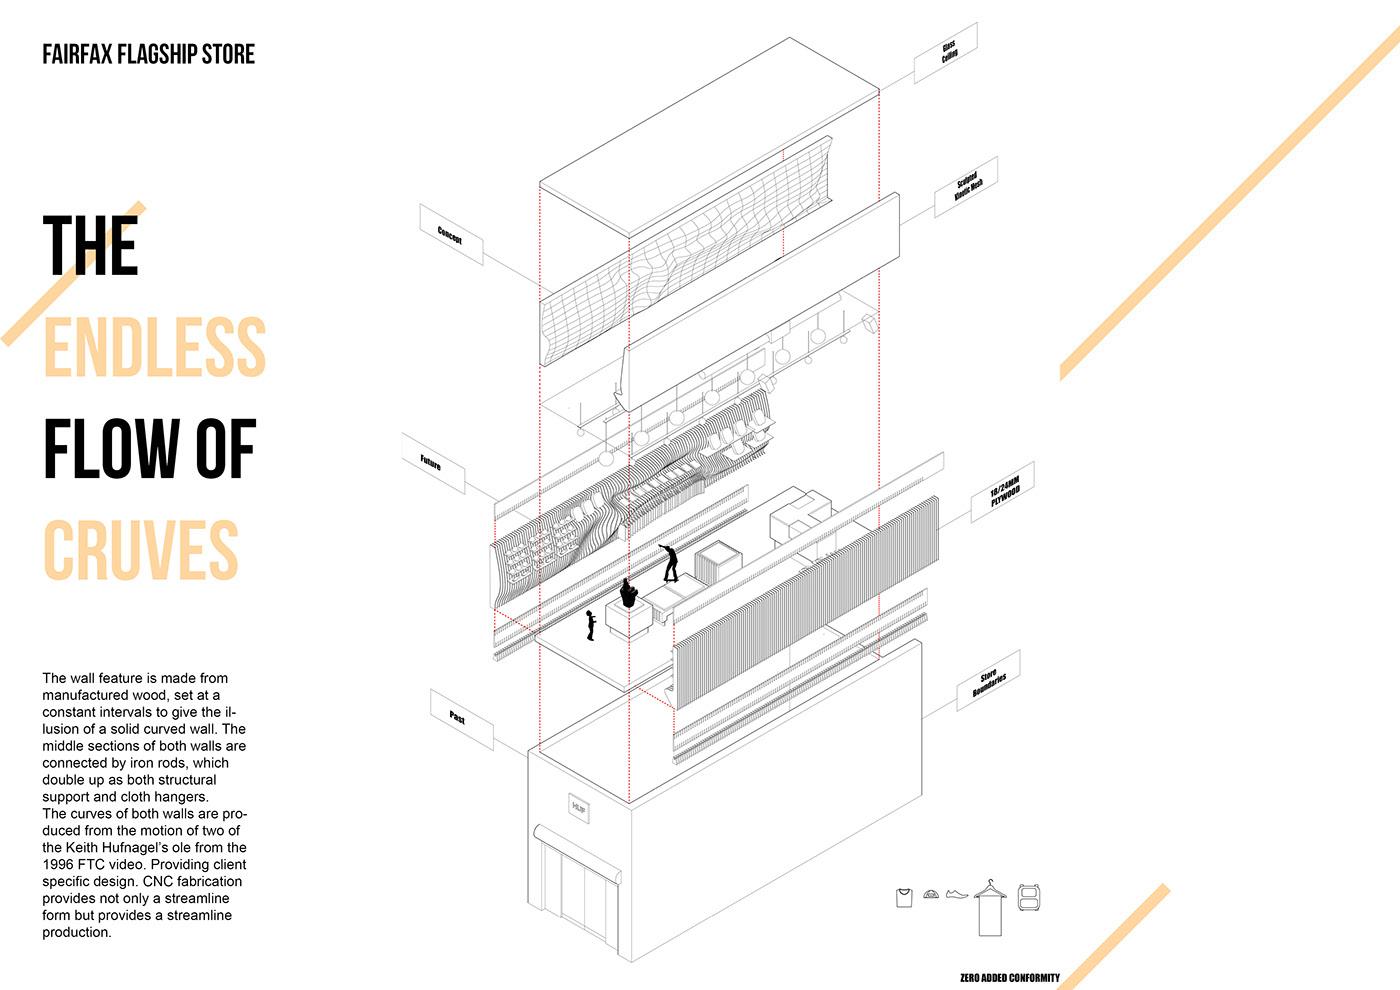 parametric parametric design Interior Architecture architecture